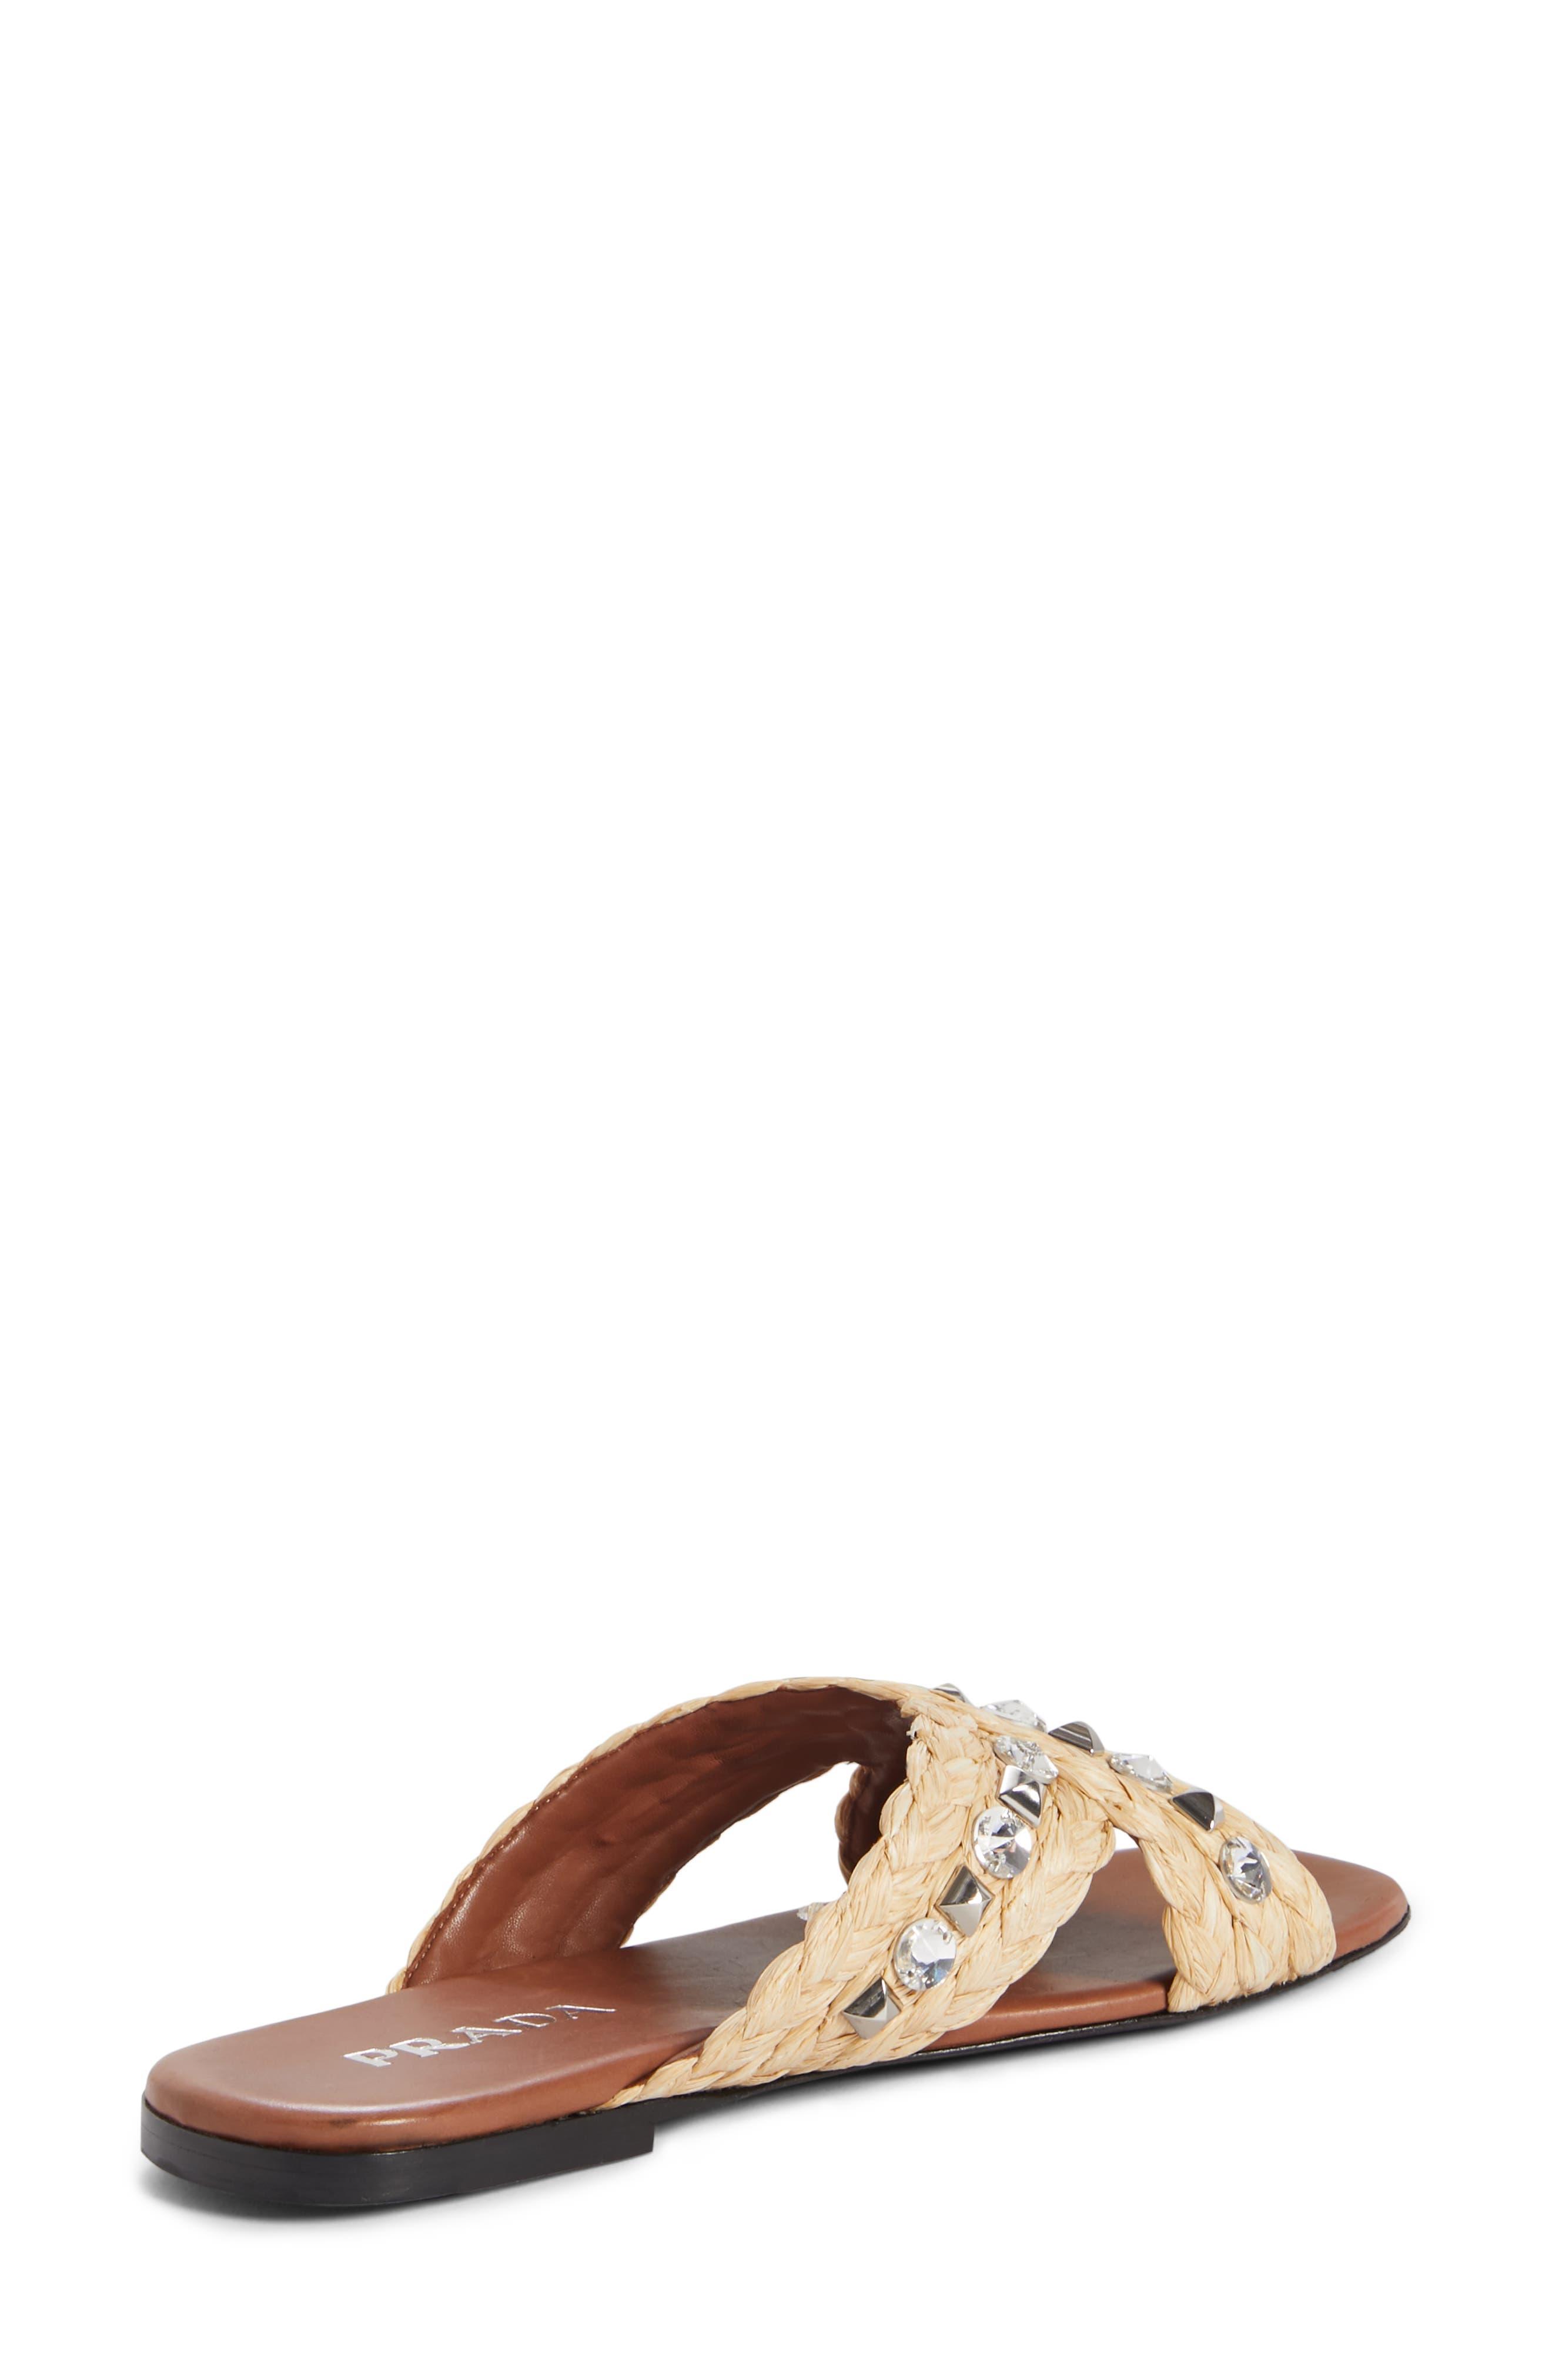 PRADA,                             Embellished Slide Sandal,                             Alternate thumbnail 2, color,                             NATURAL RAFFIA